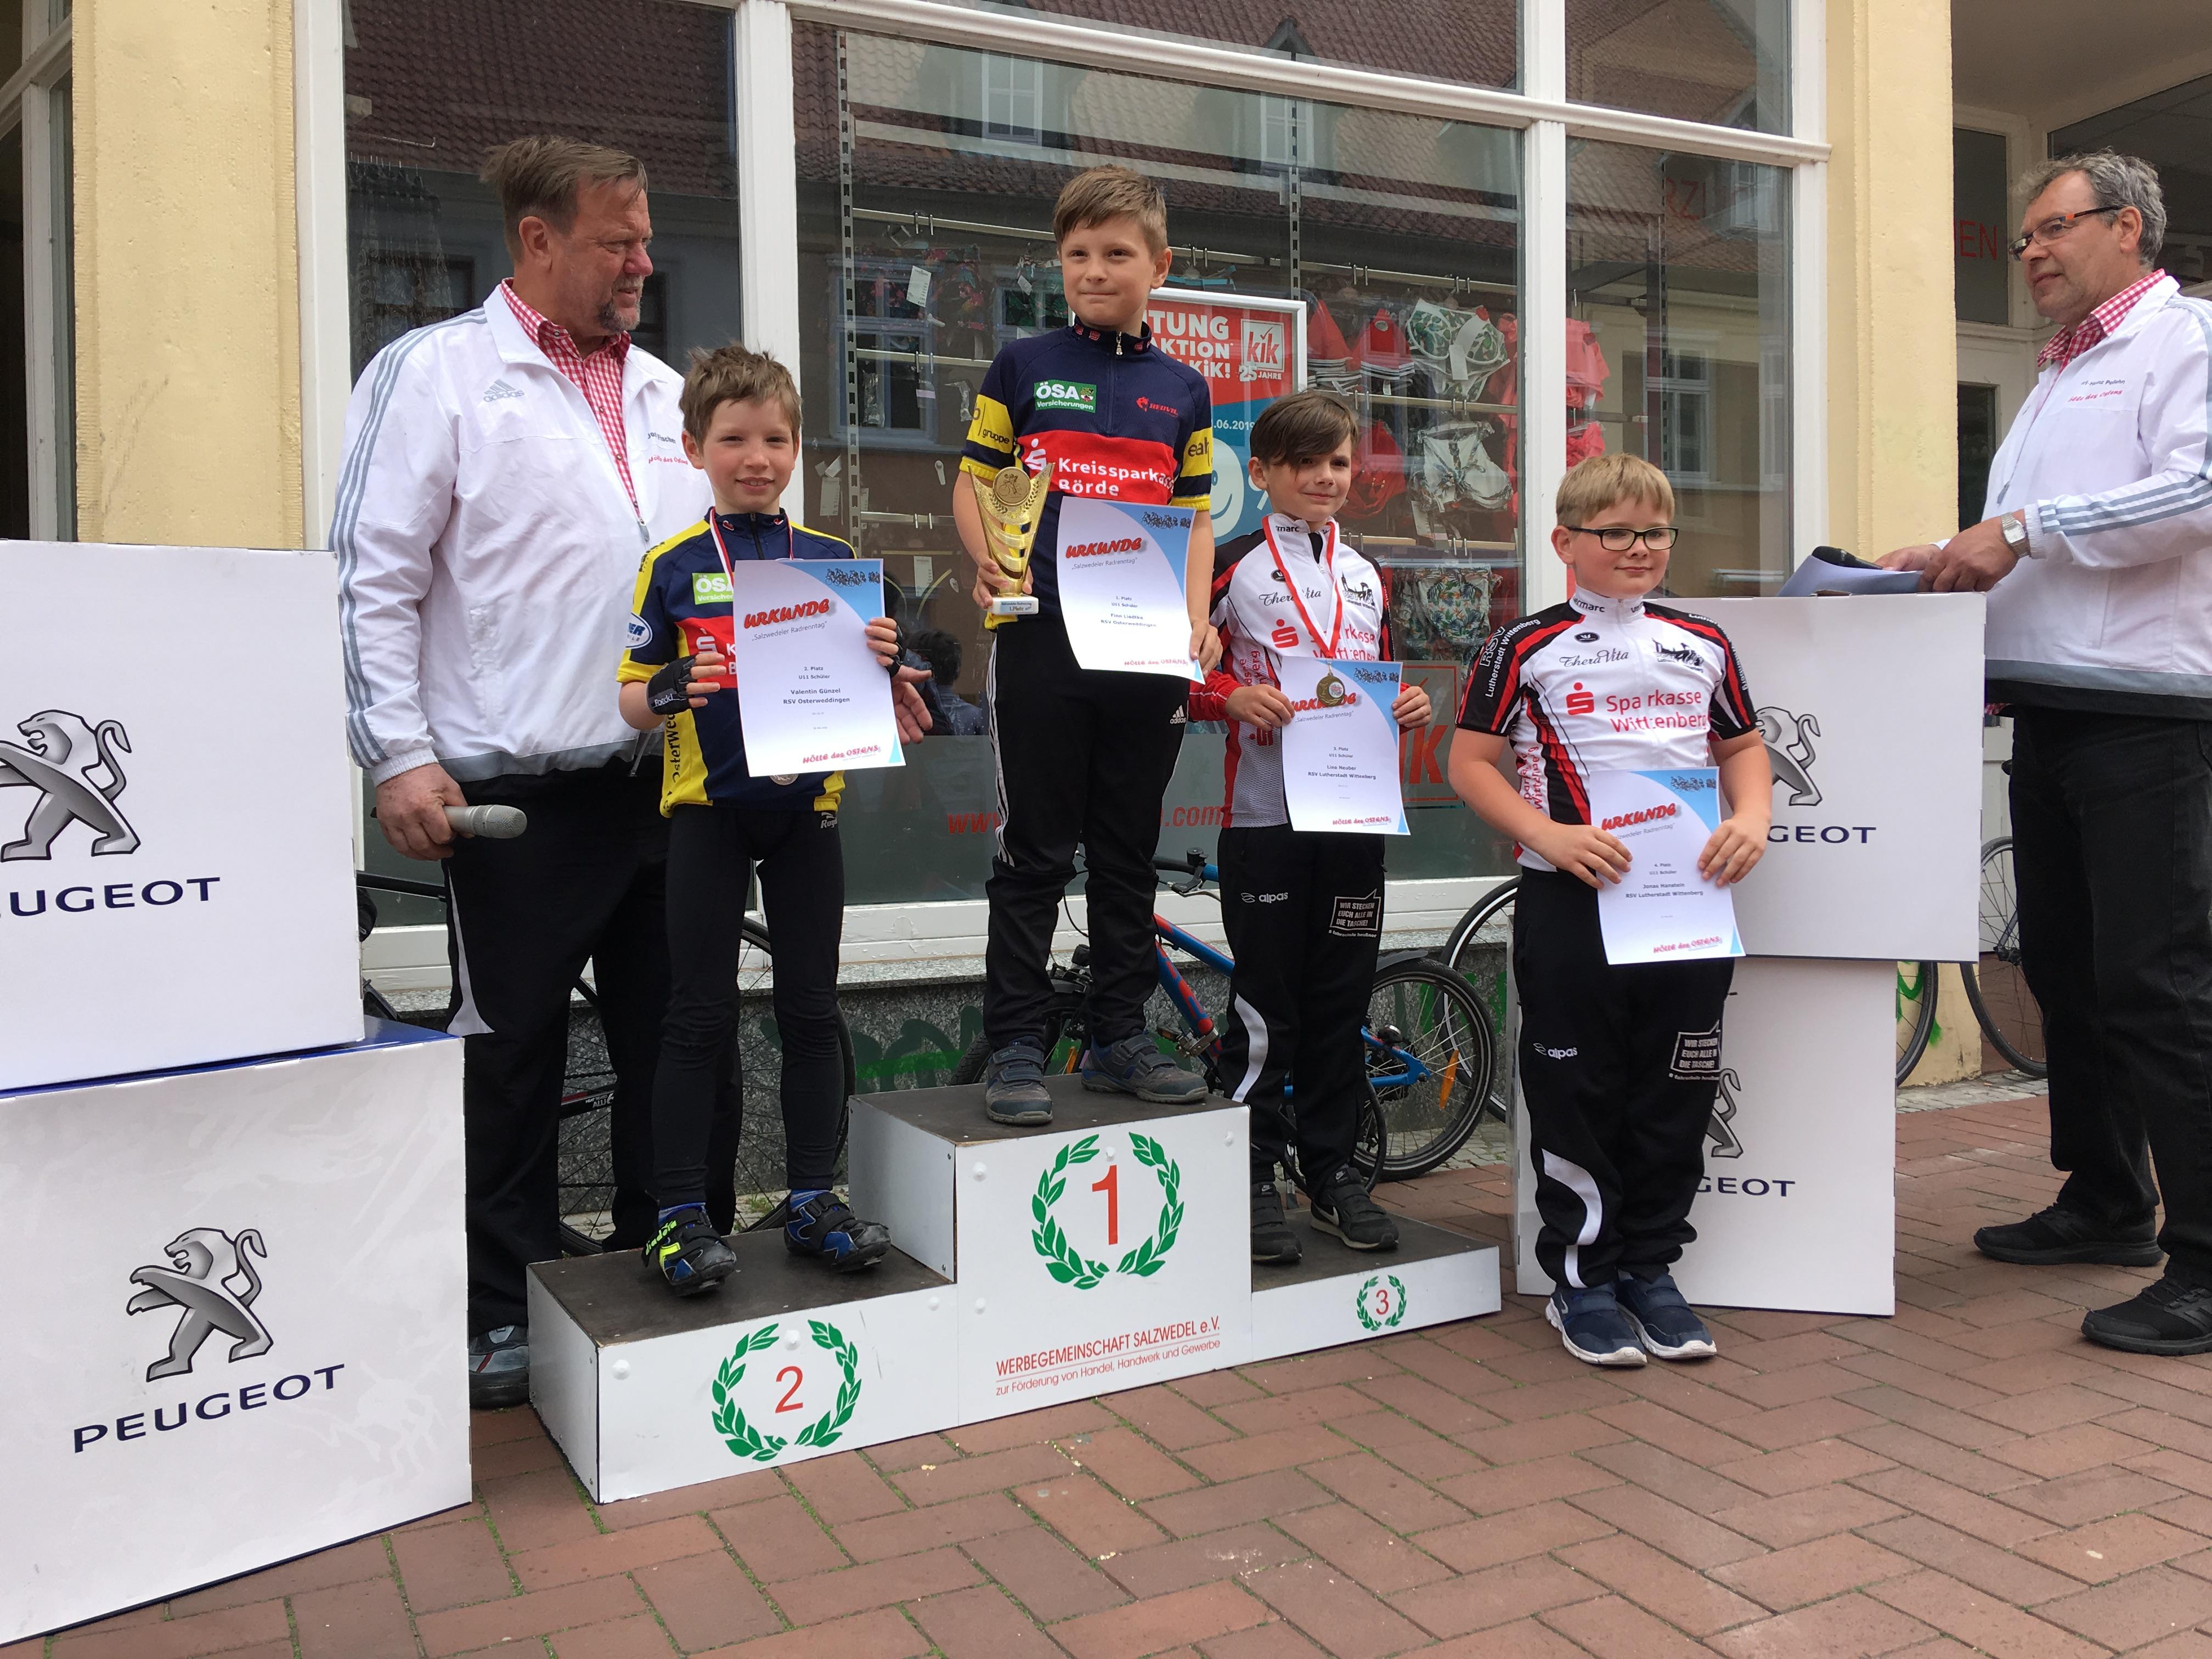 1., Platz für Finn Liedke, 2. Platz für Valentin Günzel